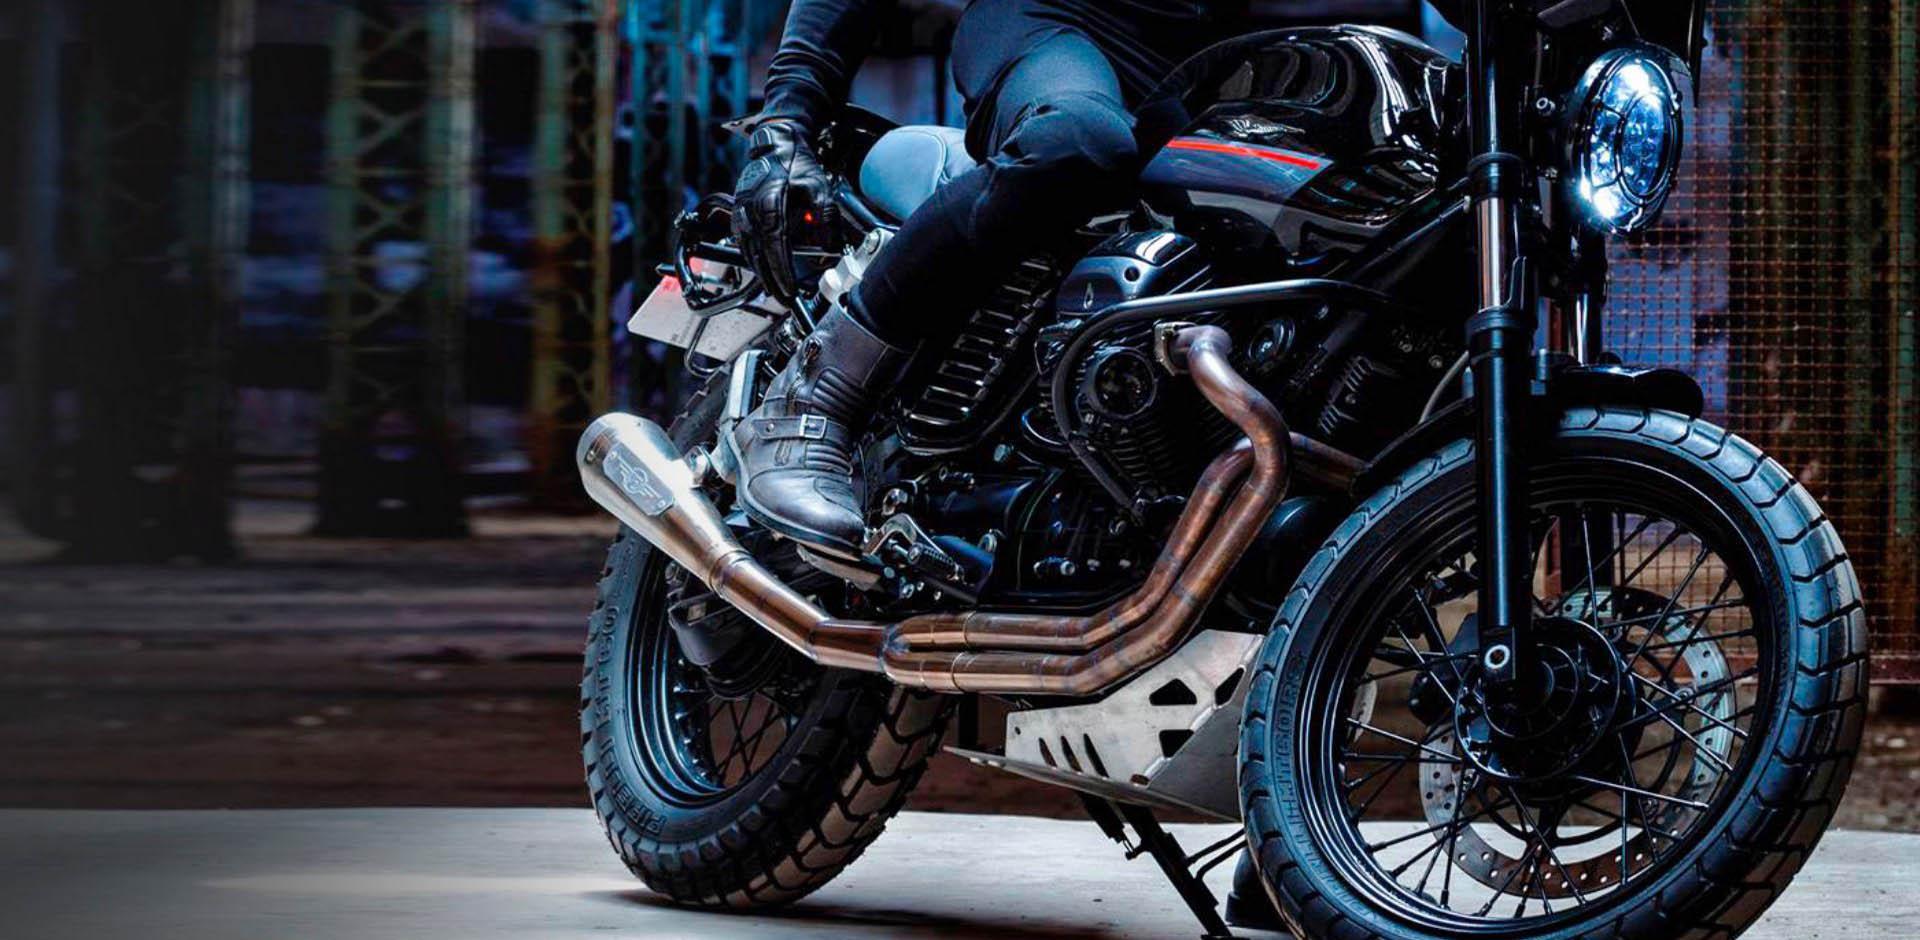 scarpe e stivali moto caf racers stylmartin shop online. Black Bedroom Furniture Sets. Home Design Ideas